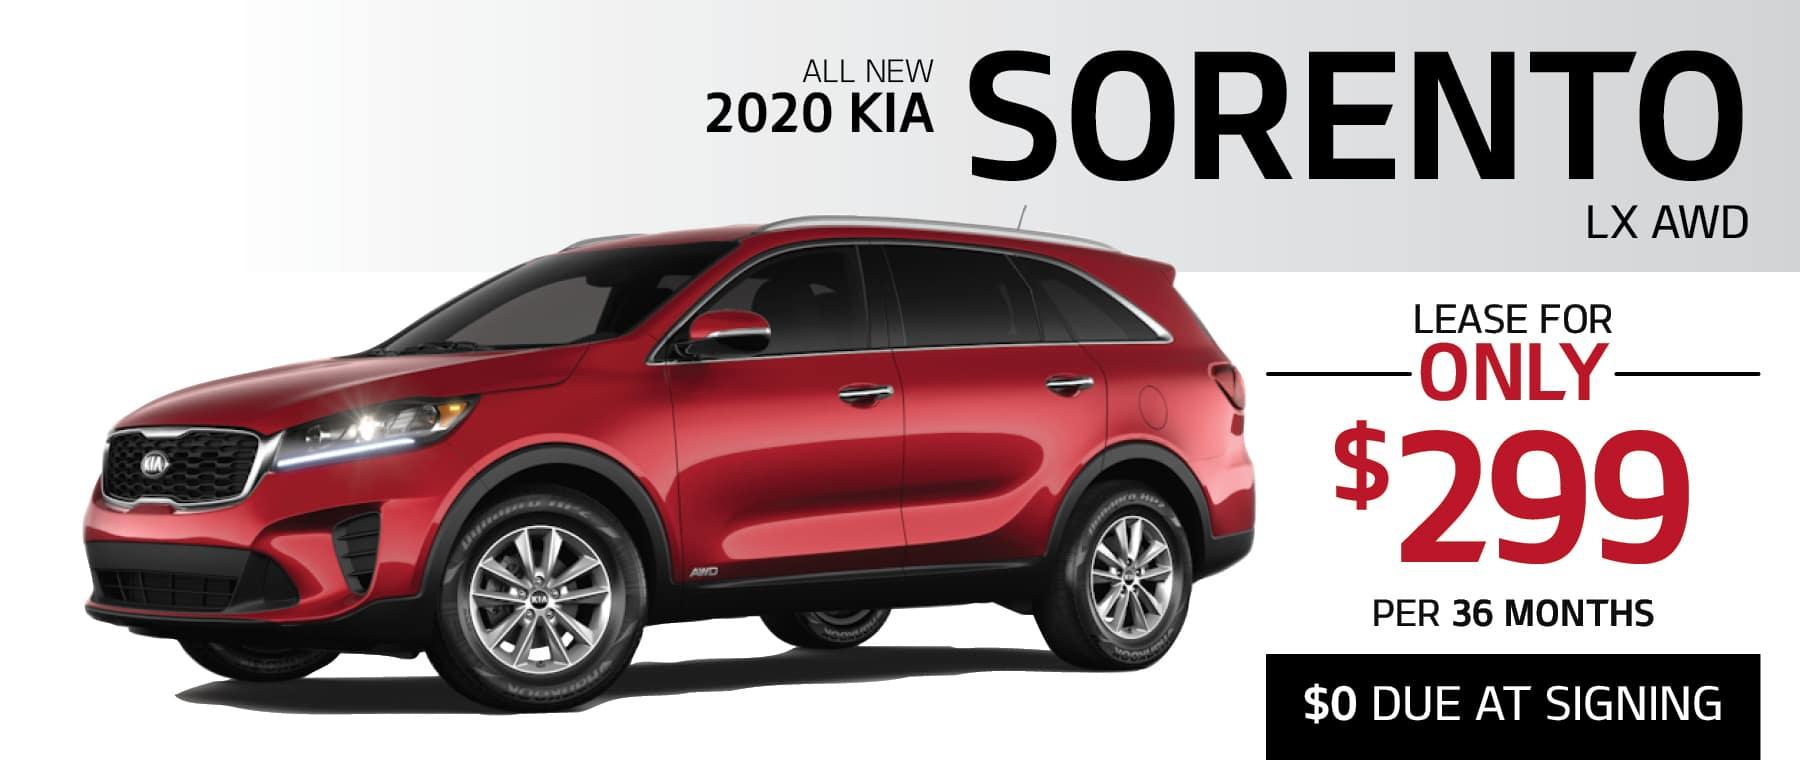 1800x760_KIA_SORENTO_SEPT